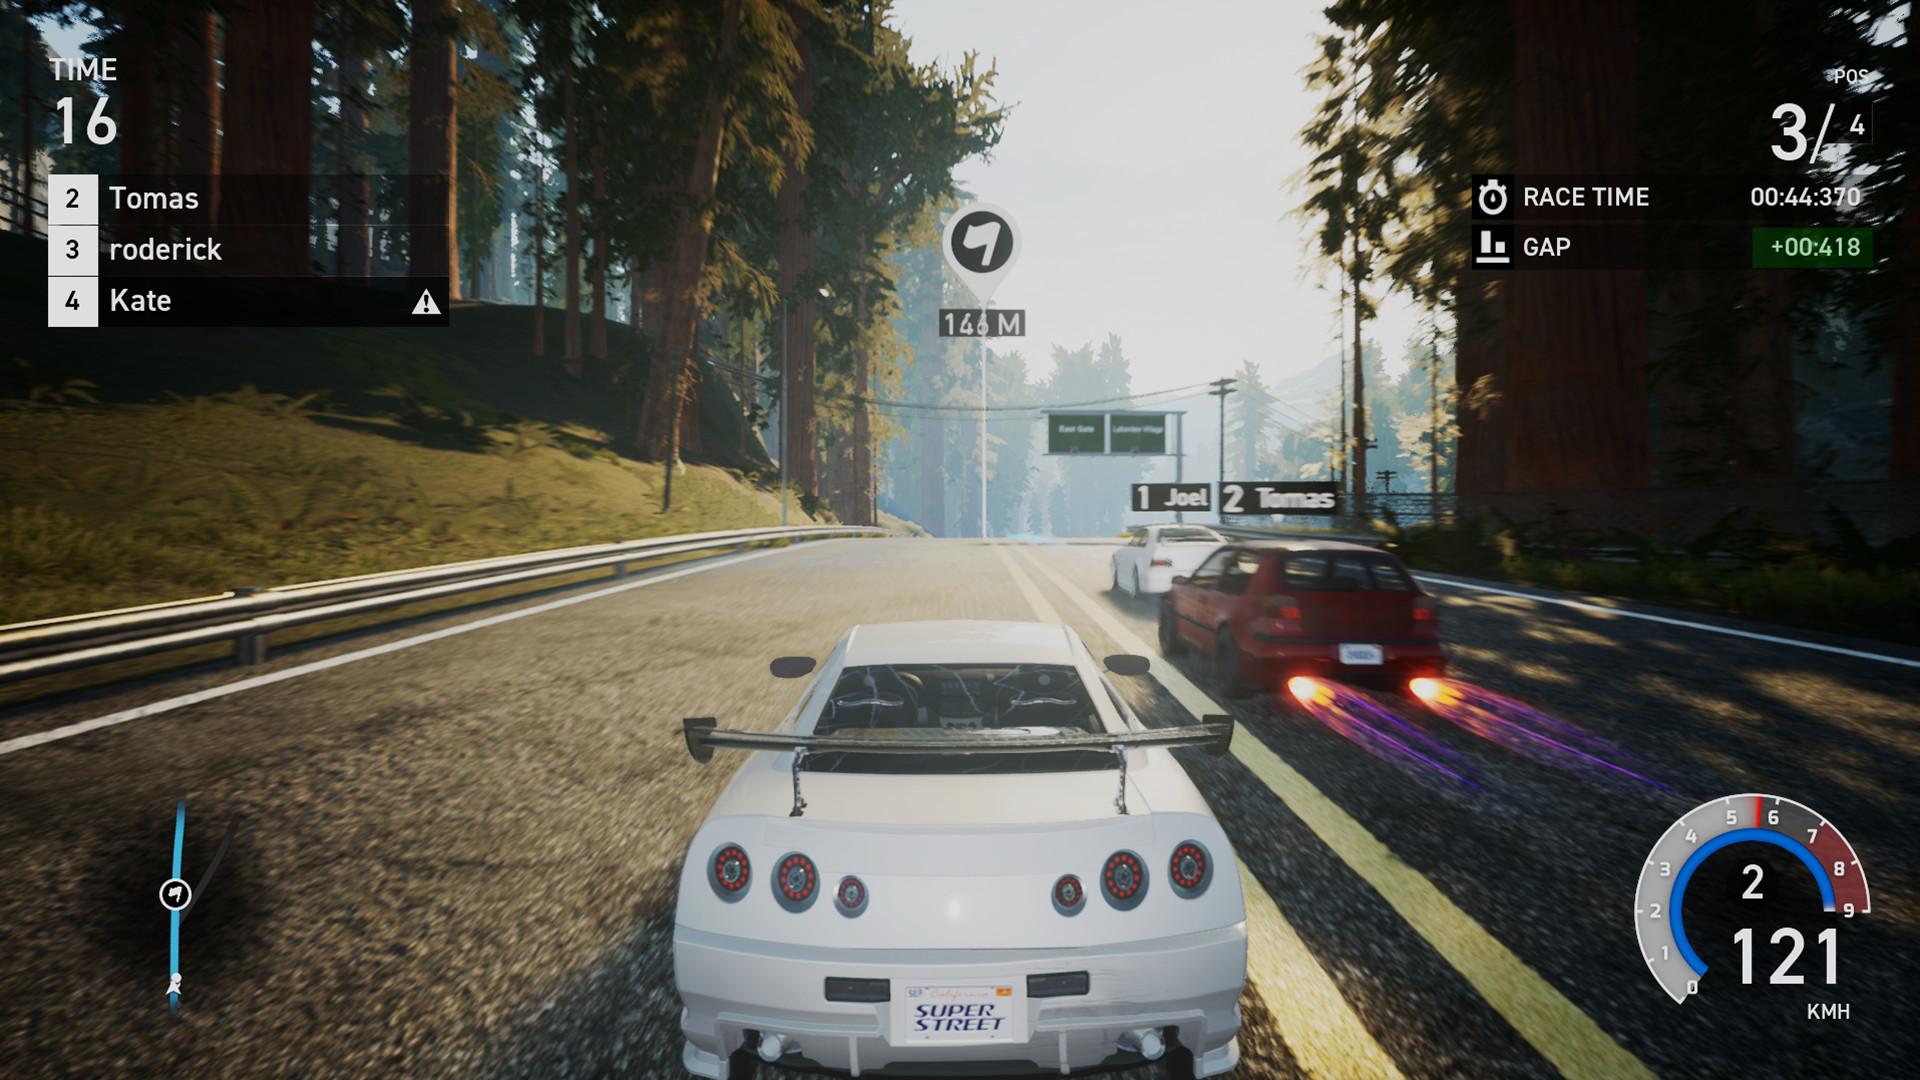 改装车杂志《Super Street》同名游戏《超级街头》正式发售 Steam国区138元